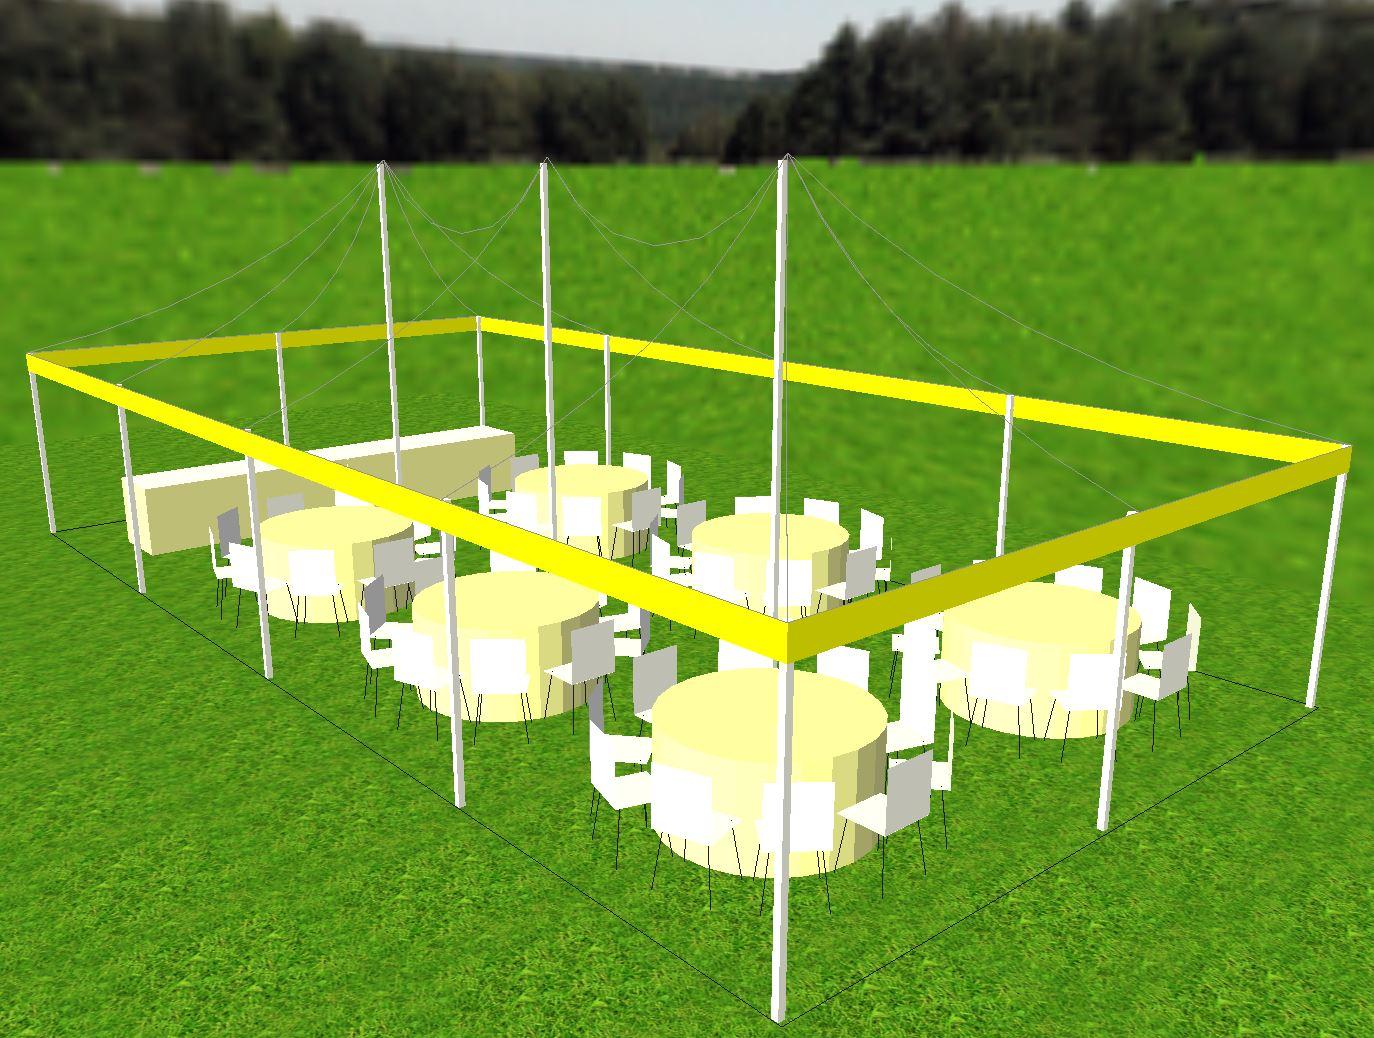 20x40 tent CAD image